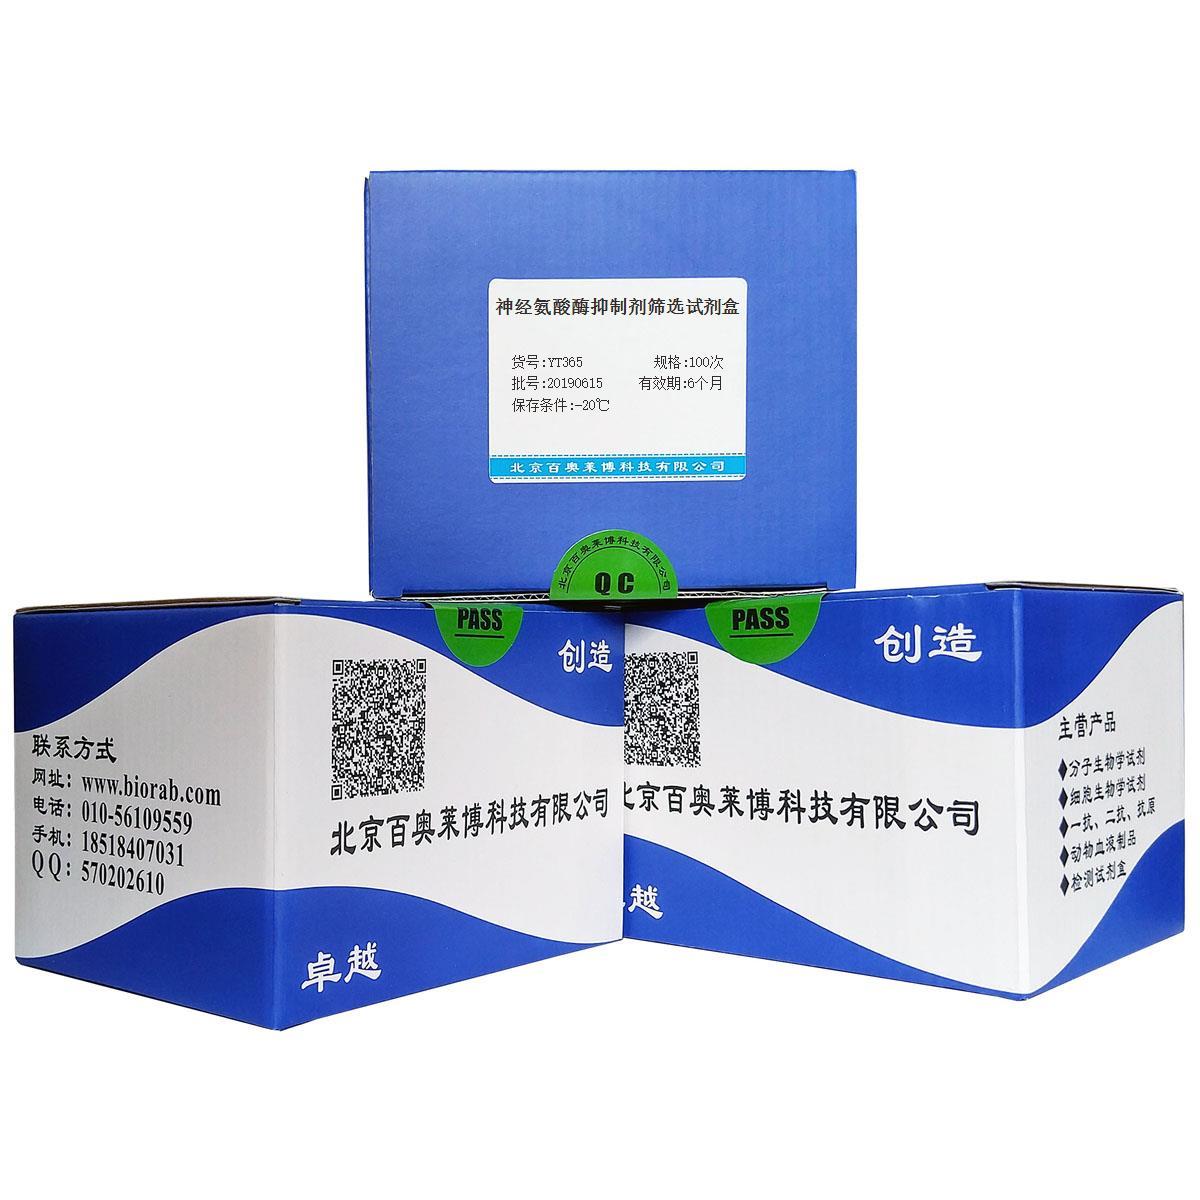 神经氨酸酶抑制剂筛选试剂盒优惠促销